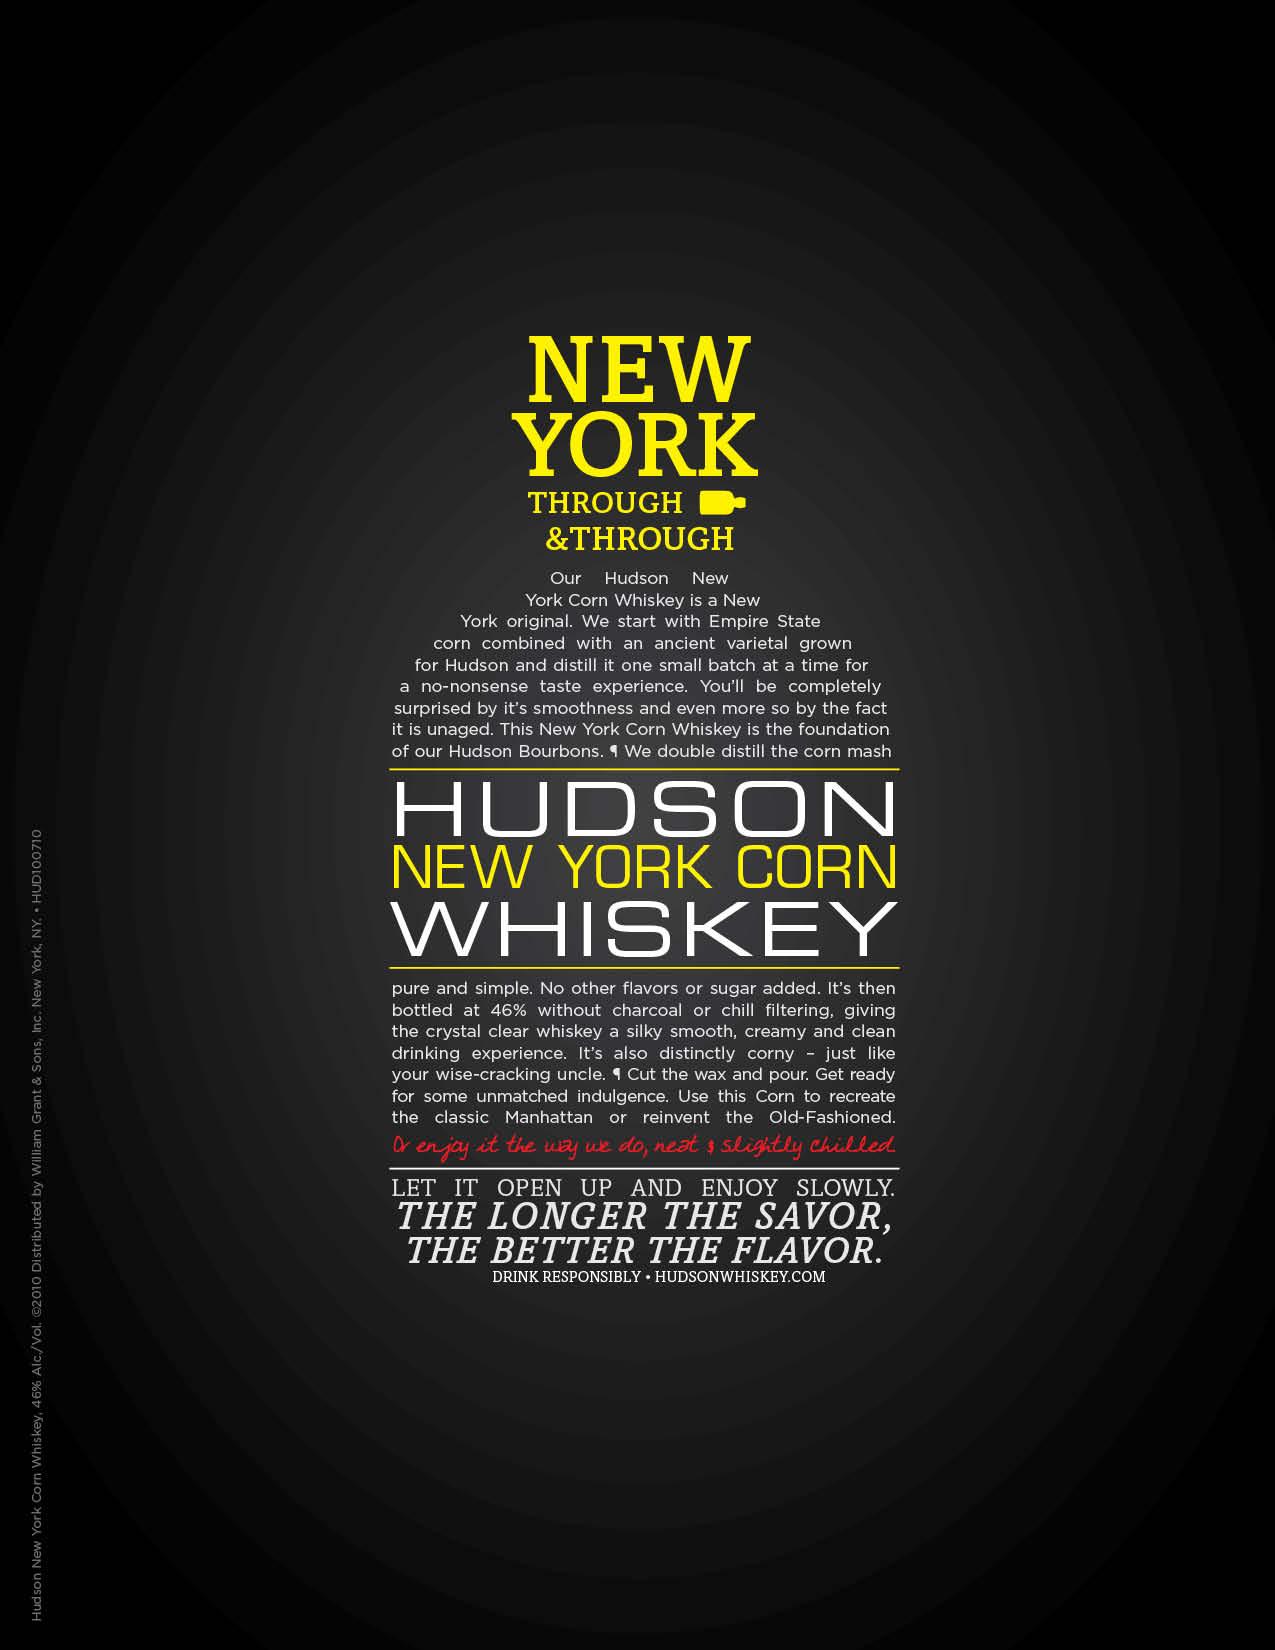 hudson-bottleicon-ads3.jpg